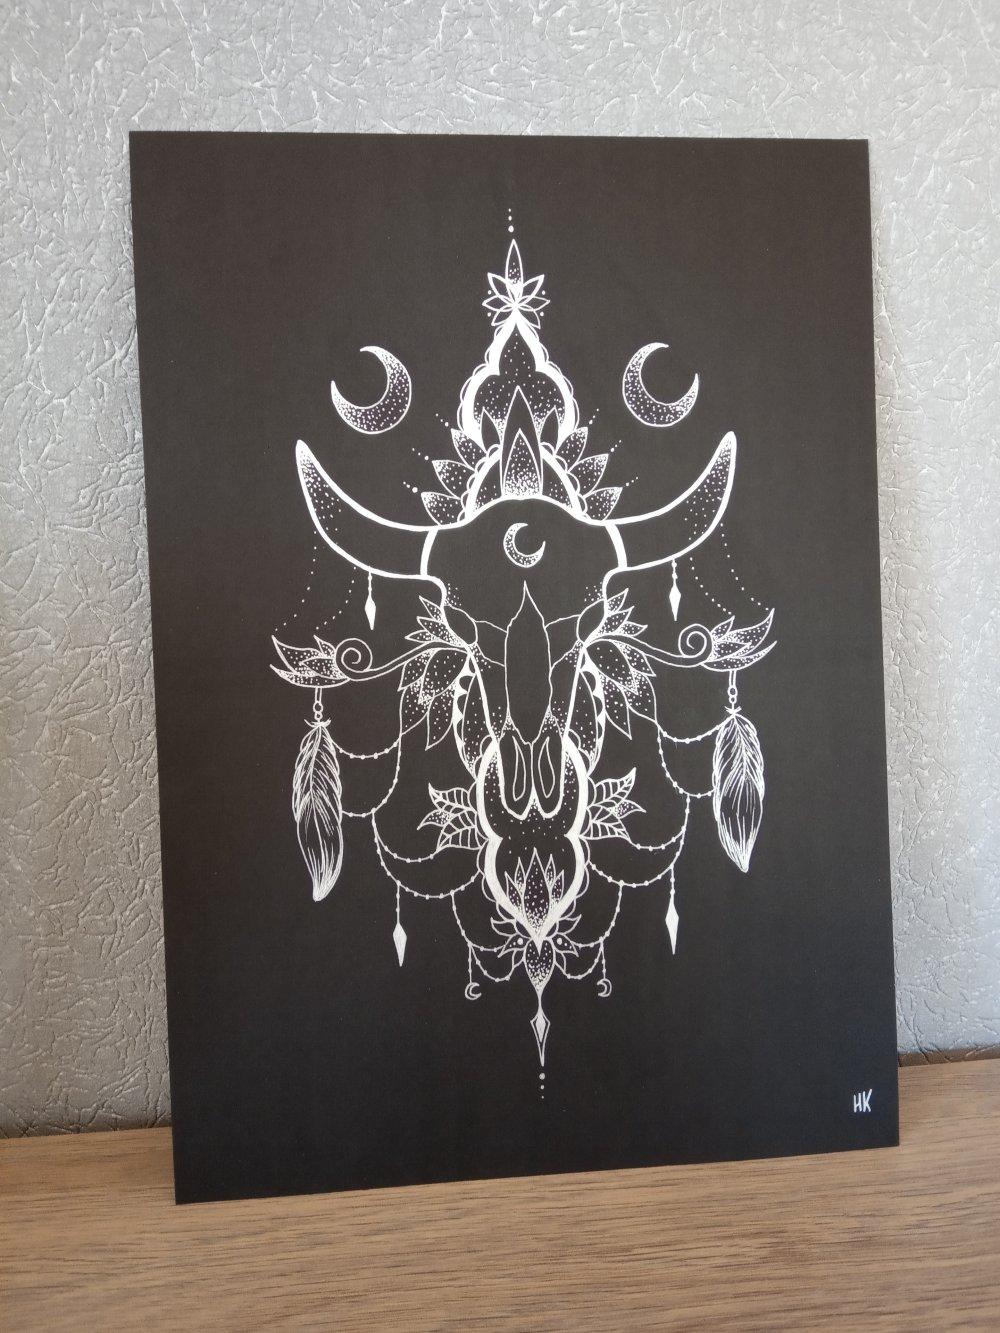 Dessin original, crâne de buffle argenté sur papier canson noir, format A4.